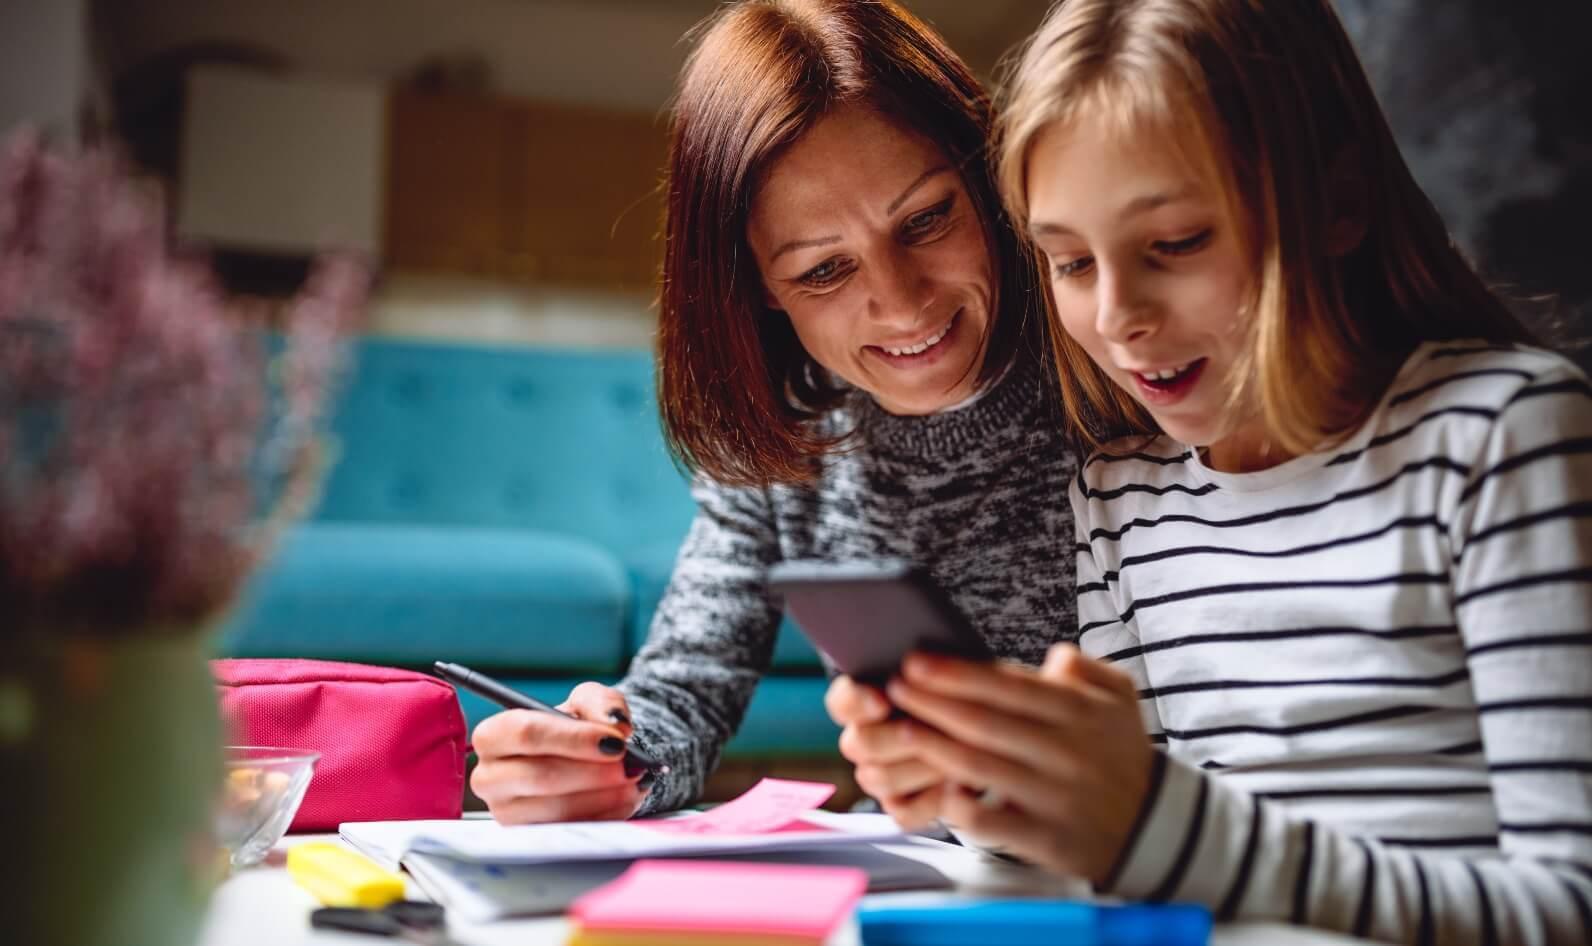 Các ứng dụng học tiếng Anh cho trẻ em là cơ hội để cha mẹ có thể tham gia vào quá trình học tập cùng con cái